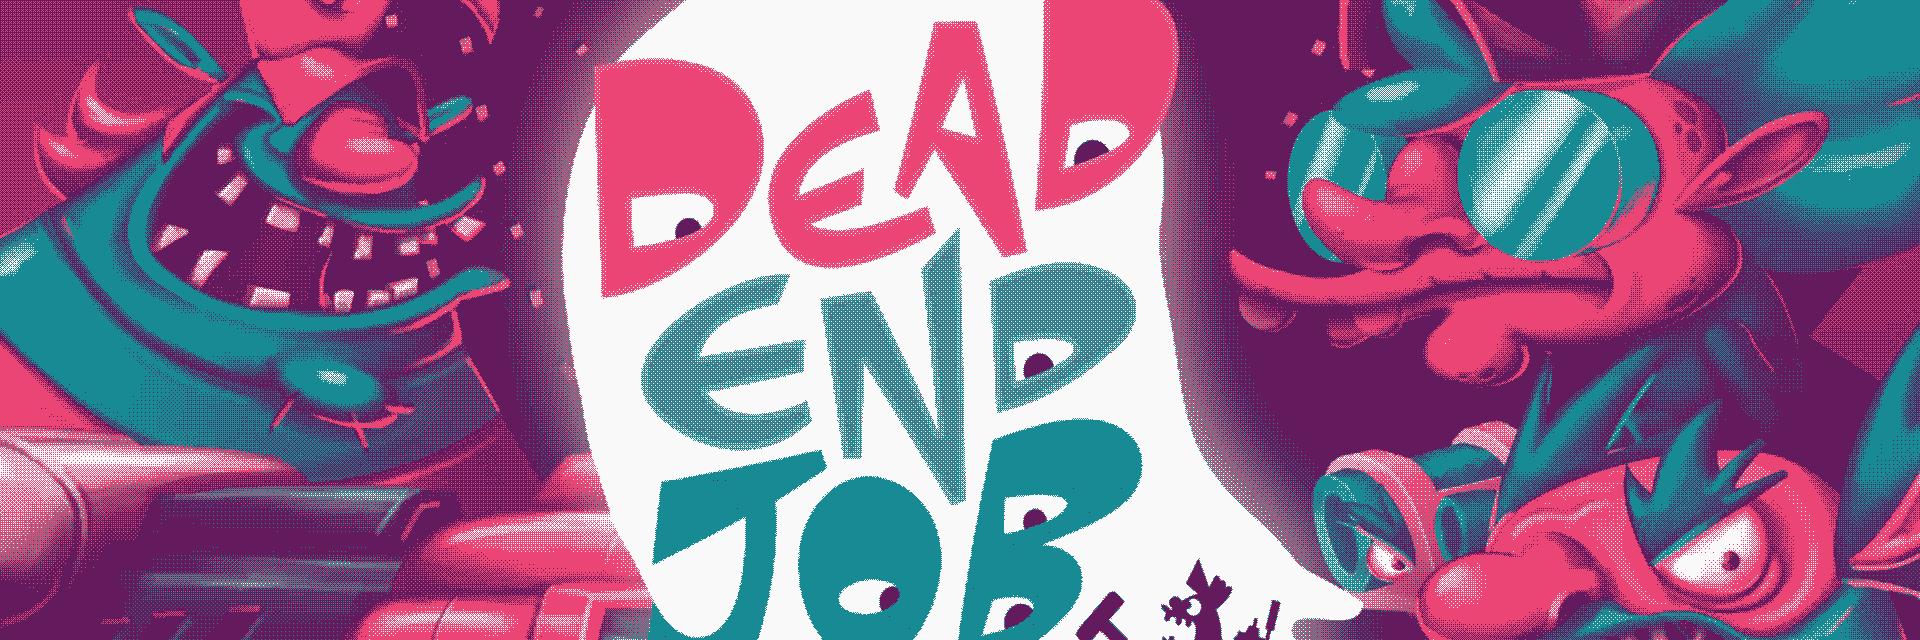 dead end job scheda gioco